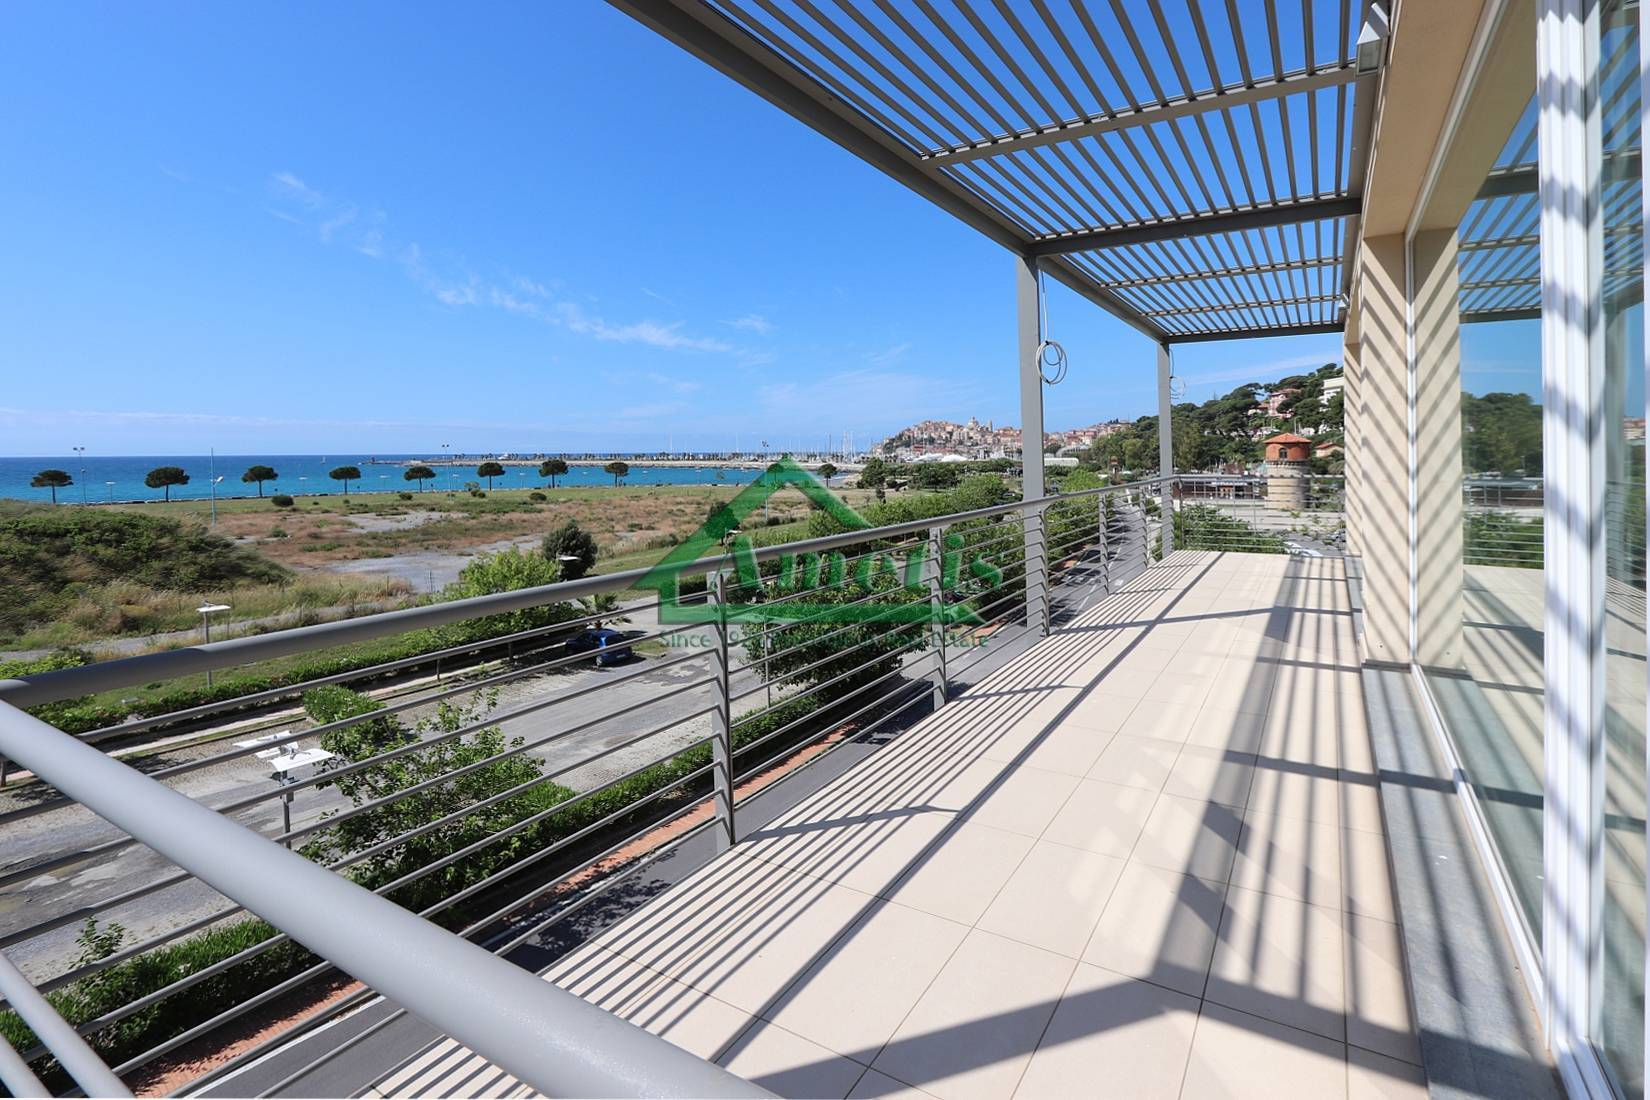 Appartamento in vendita a Imperia, 3 locali, zona Località: Onegliacentro, Trattative riservate | CambioCasa.it